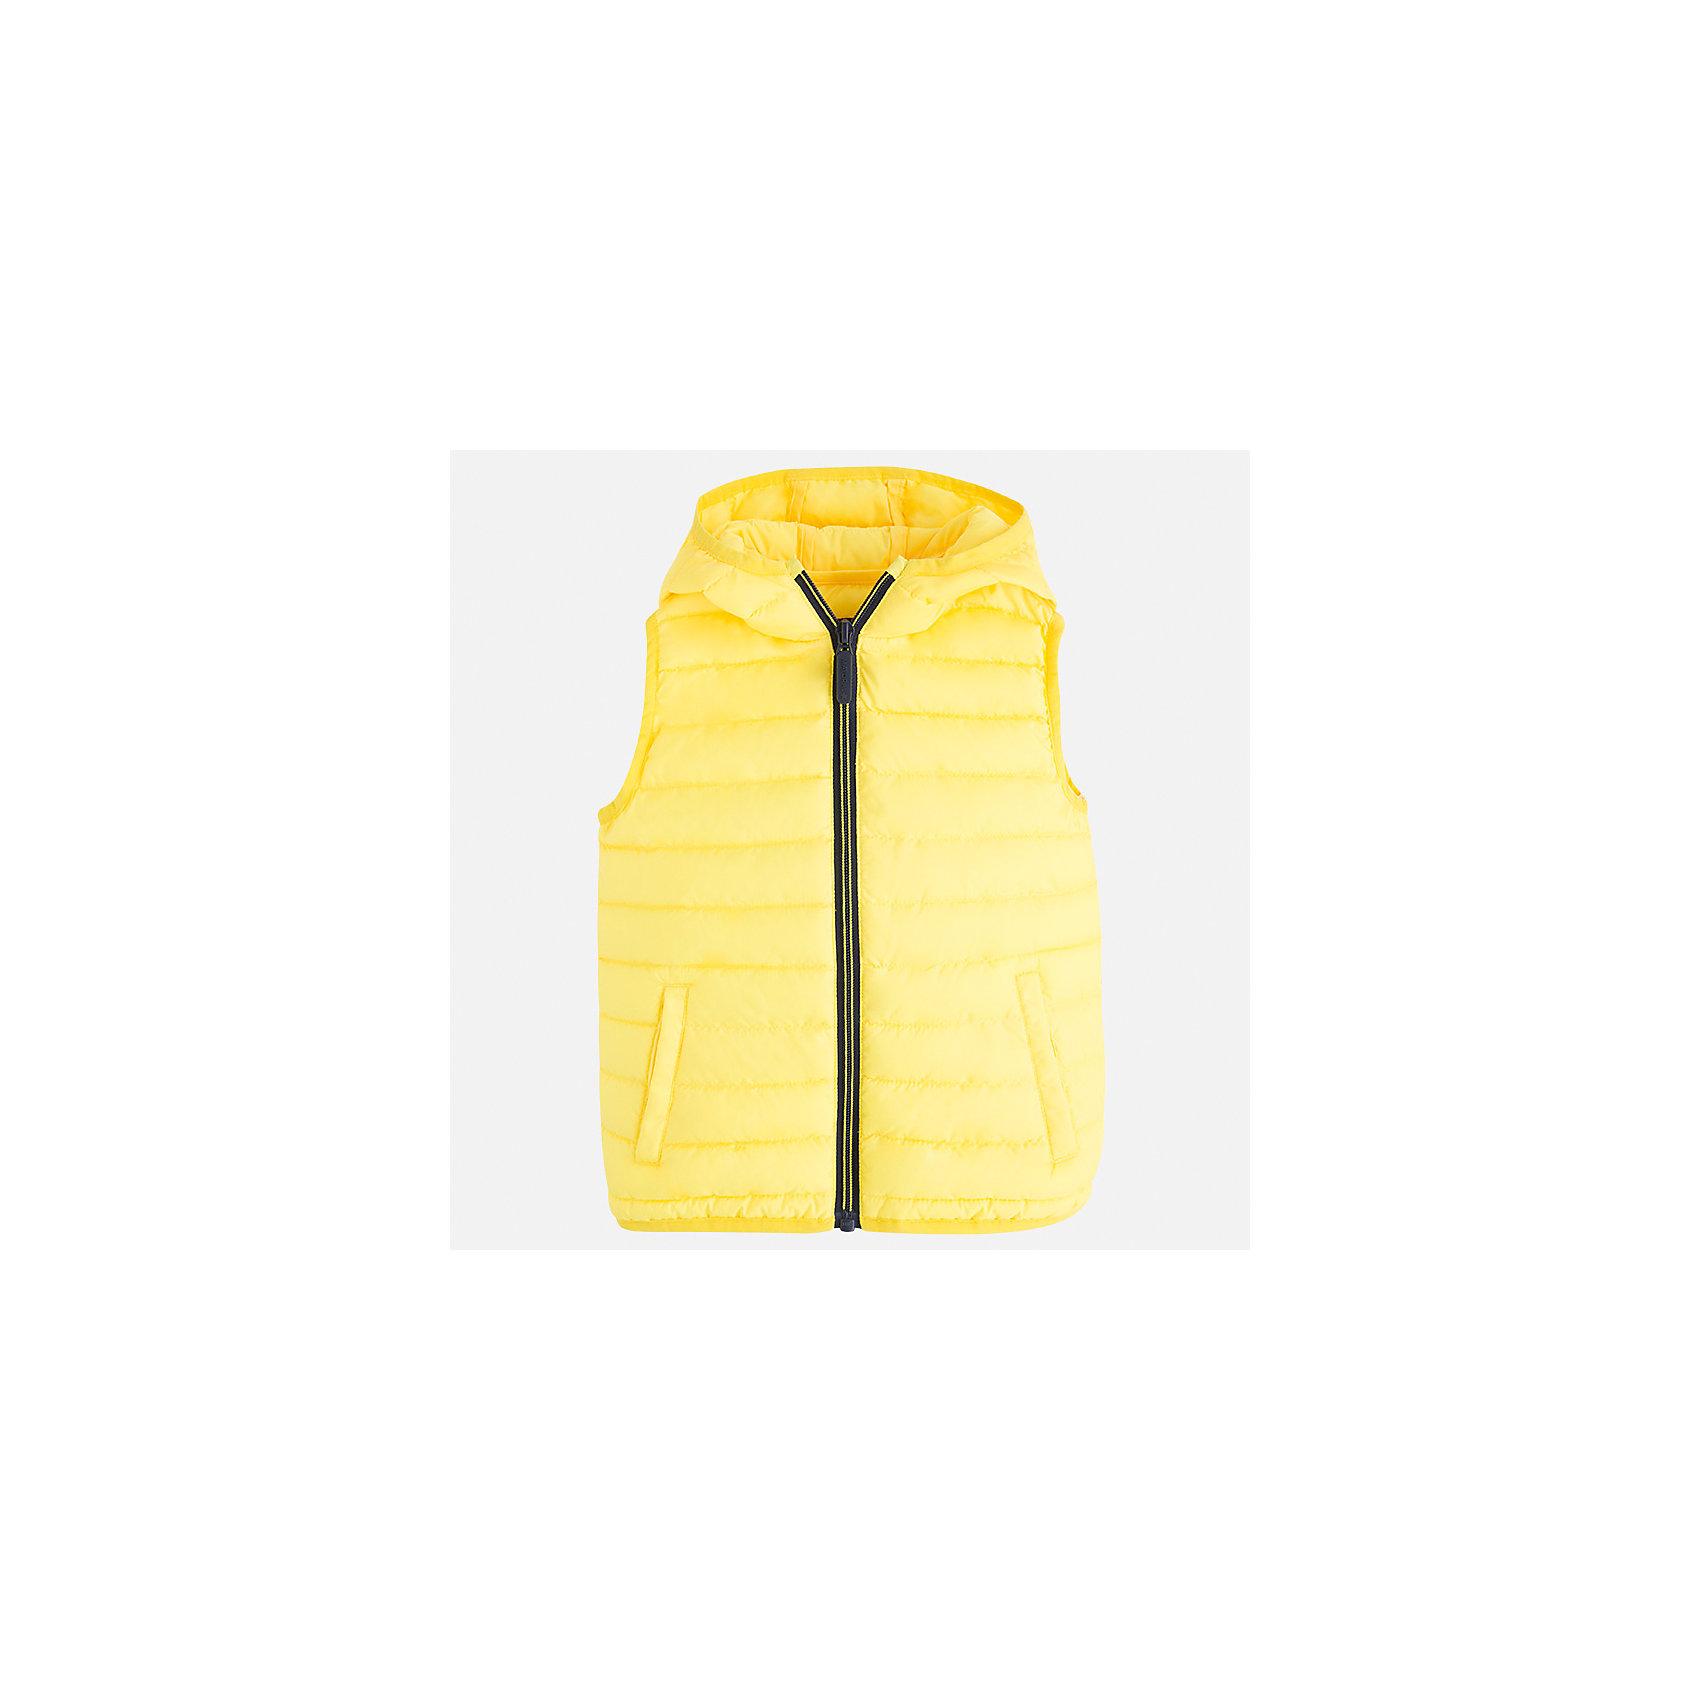 Жилет для мальчика MayoralВерхняя одежда<br>Характеристики товара:<br><br>• цвет: желтый<br>• состав: 100% полиэстер<br>• температурный режим от +20°до +10°С<br>• без рукавов<br>• карманы<br>• молния <br>• капюшон<br>• страна бренда: Испания<br><br>Стильный жилет для мальчика поможет разнообразить гардероб ребенка и обеспечить тепло. Он отлично сочетается и с джинсами, и с брюками. Универсальный цвет позволяет подобрать к вещи низ различных расцветок. Модное и практичное изделие.<br><br>Одежда, обувь и аксессуары от испанского бренда Mayoral полюбились детям и взрослым по всему миру. Модели этой марки - стильные и удобные. Для их производства используются только безопасные, качественные материалы и фурнитура. Порадуйте ребенка модными и красивыми вещами от Mayoral! <br><br>Жилет для мальчика от испанского бренда Mayoral (Майорал) можно купить в нашем интернет-магазине.<br><br>Ширина мм: 190<br>Глубина мм: 74<br>Высота мм: 229<br>Вес г: 236<br>Цвет: желтый<br>Возраст от месяцев: 18<br>Возраст до месяцев: 24<br>Пол: Мужской<br>Возраст: Детский<br>Размер: 92,110,104,98,134,128,122,116<br>SKU: 5280459